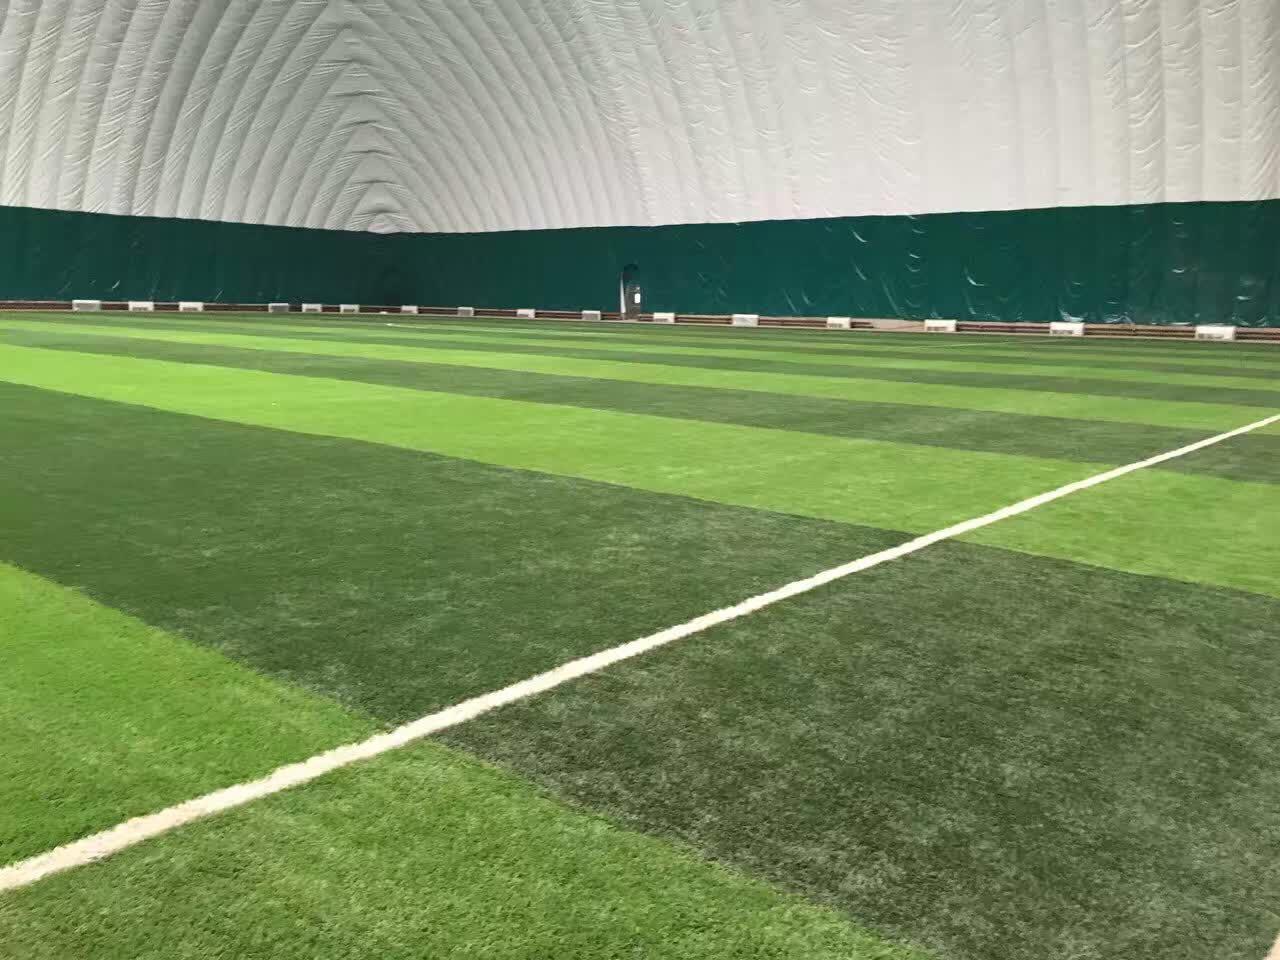 室內足球場